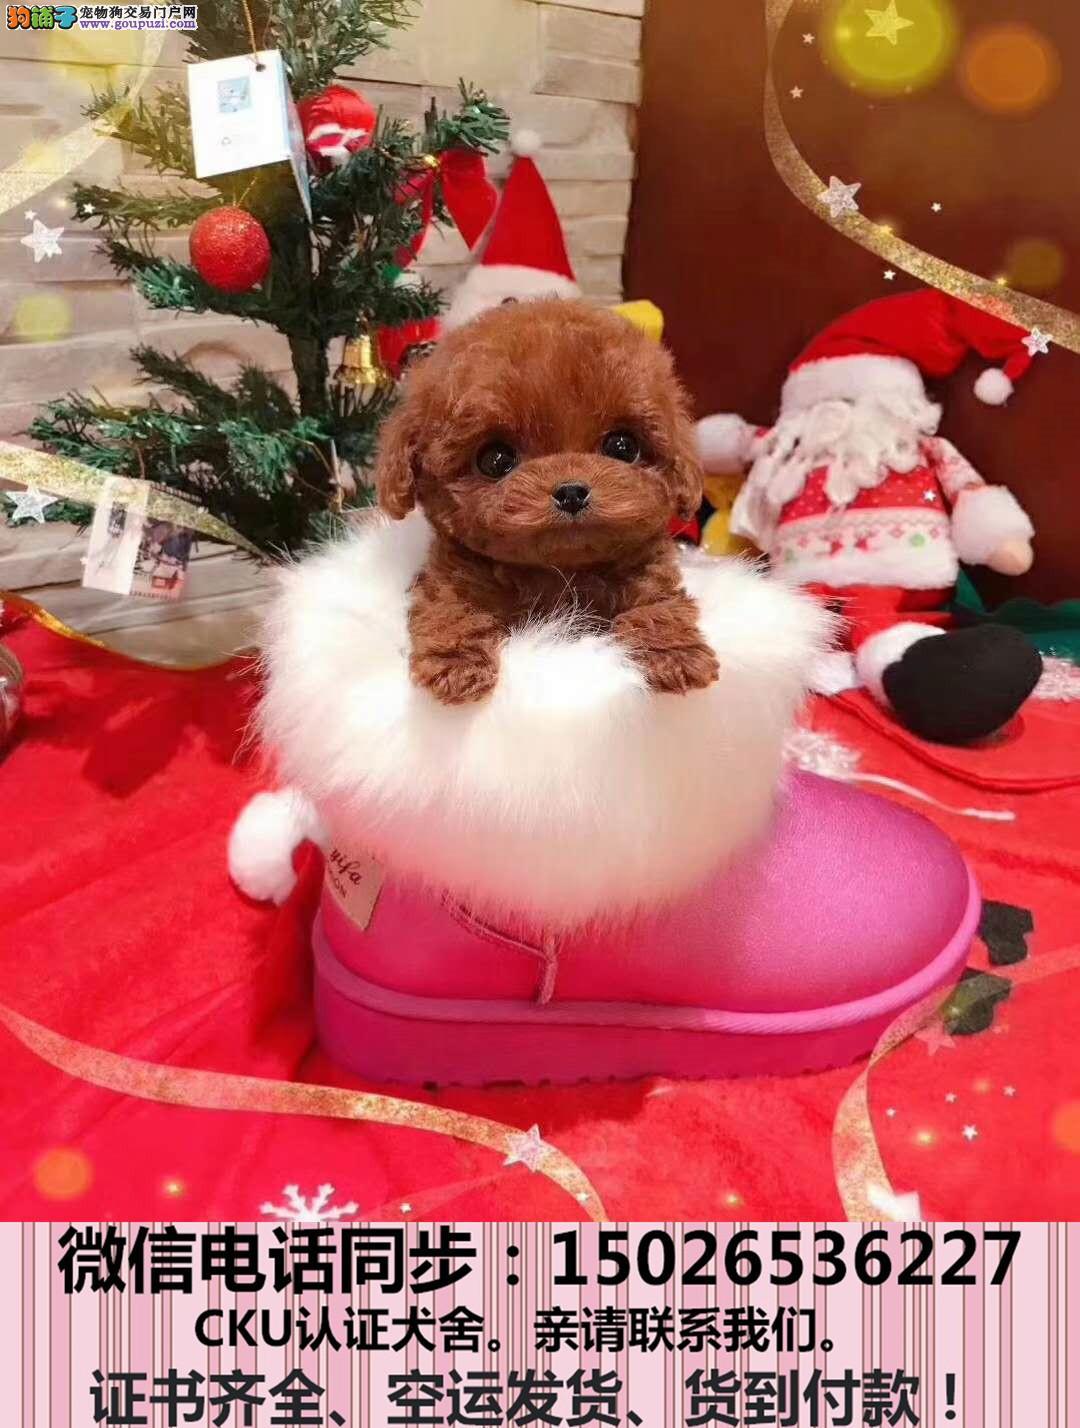 本地正规犬场出售纯种泰迪包养活签协议1